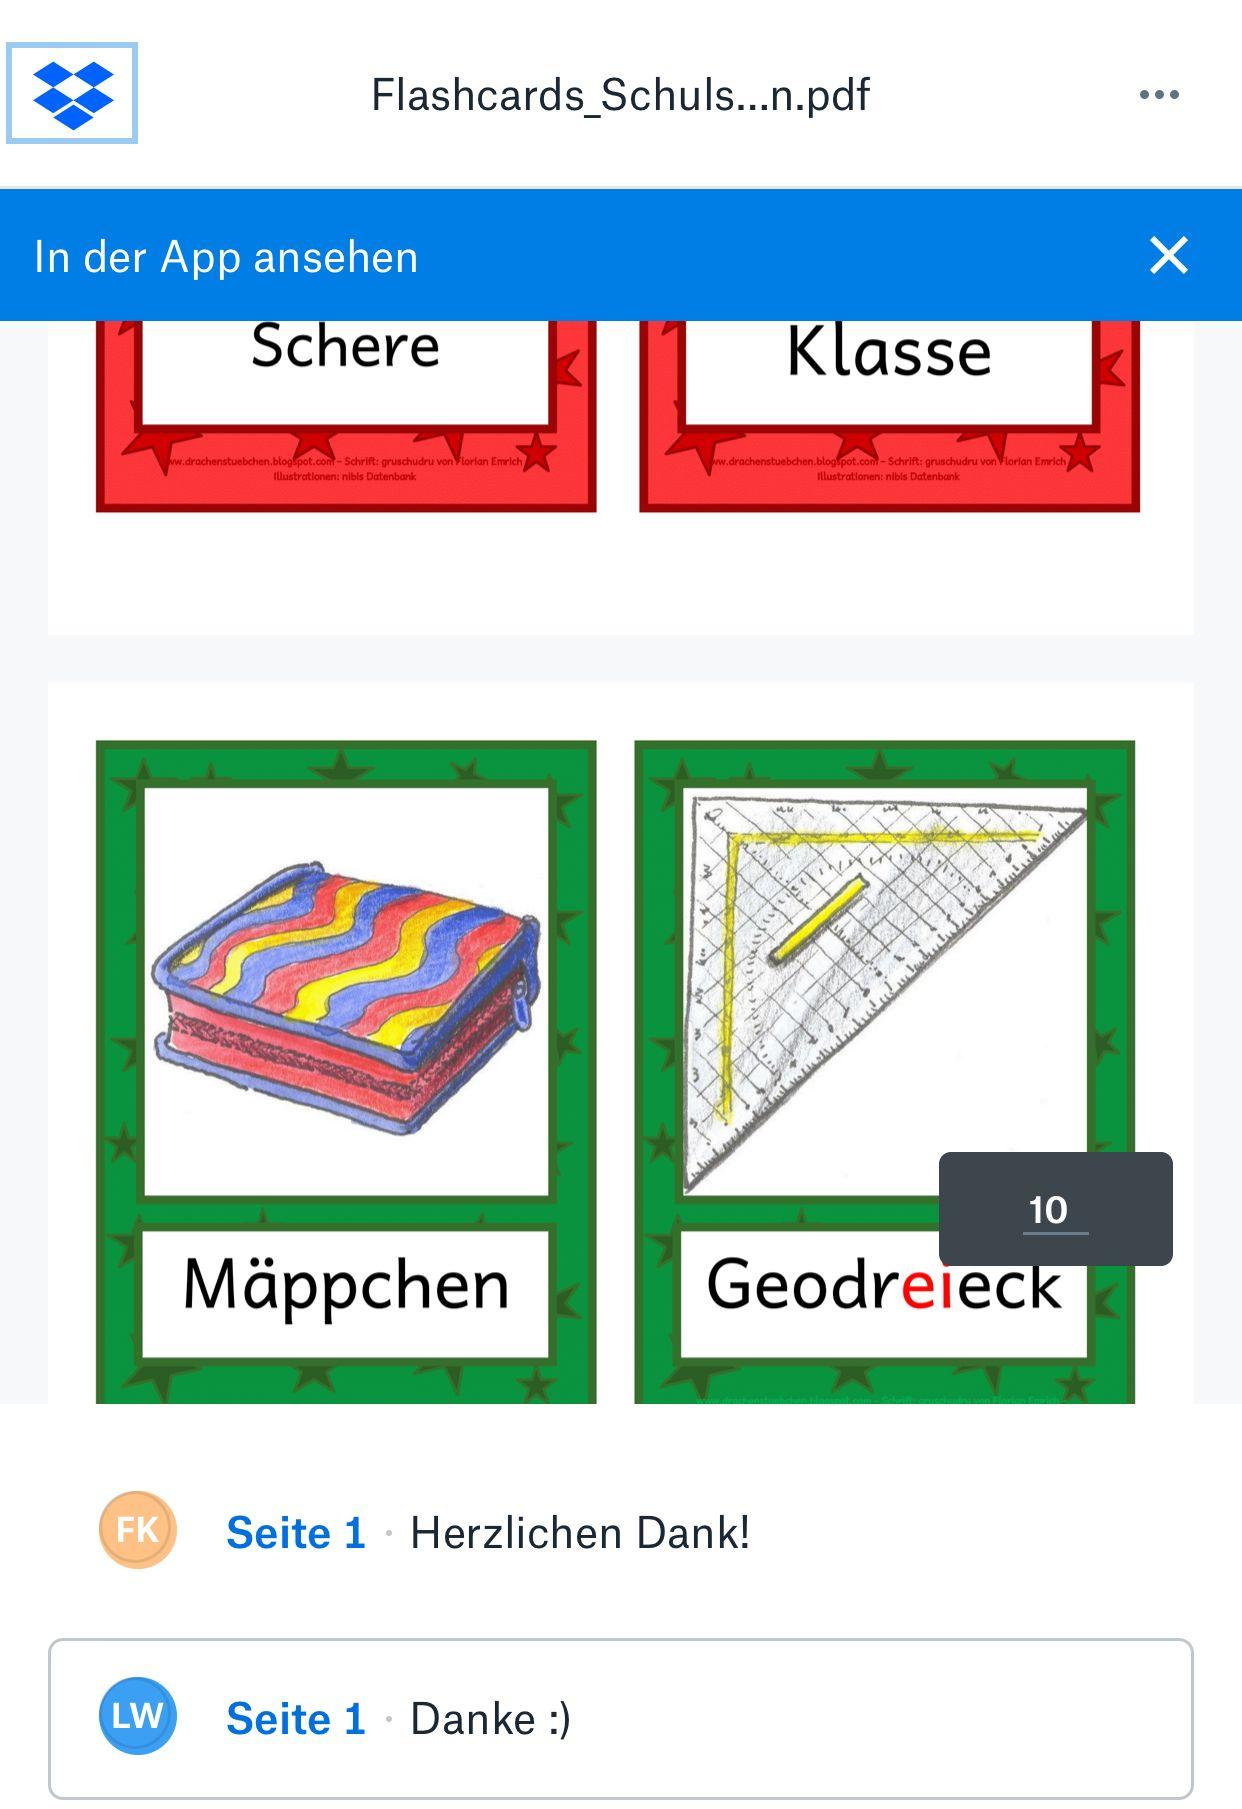 pingerlinde hirsch on vorschule  flashcards letters